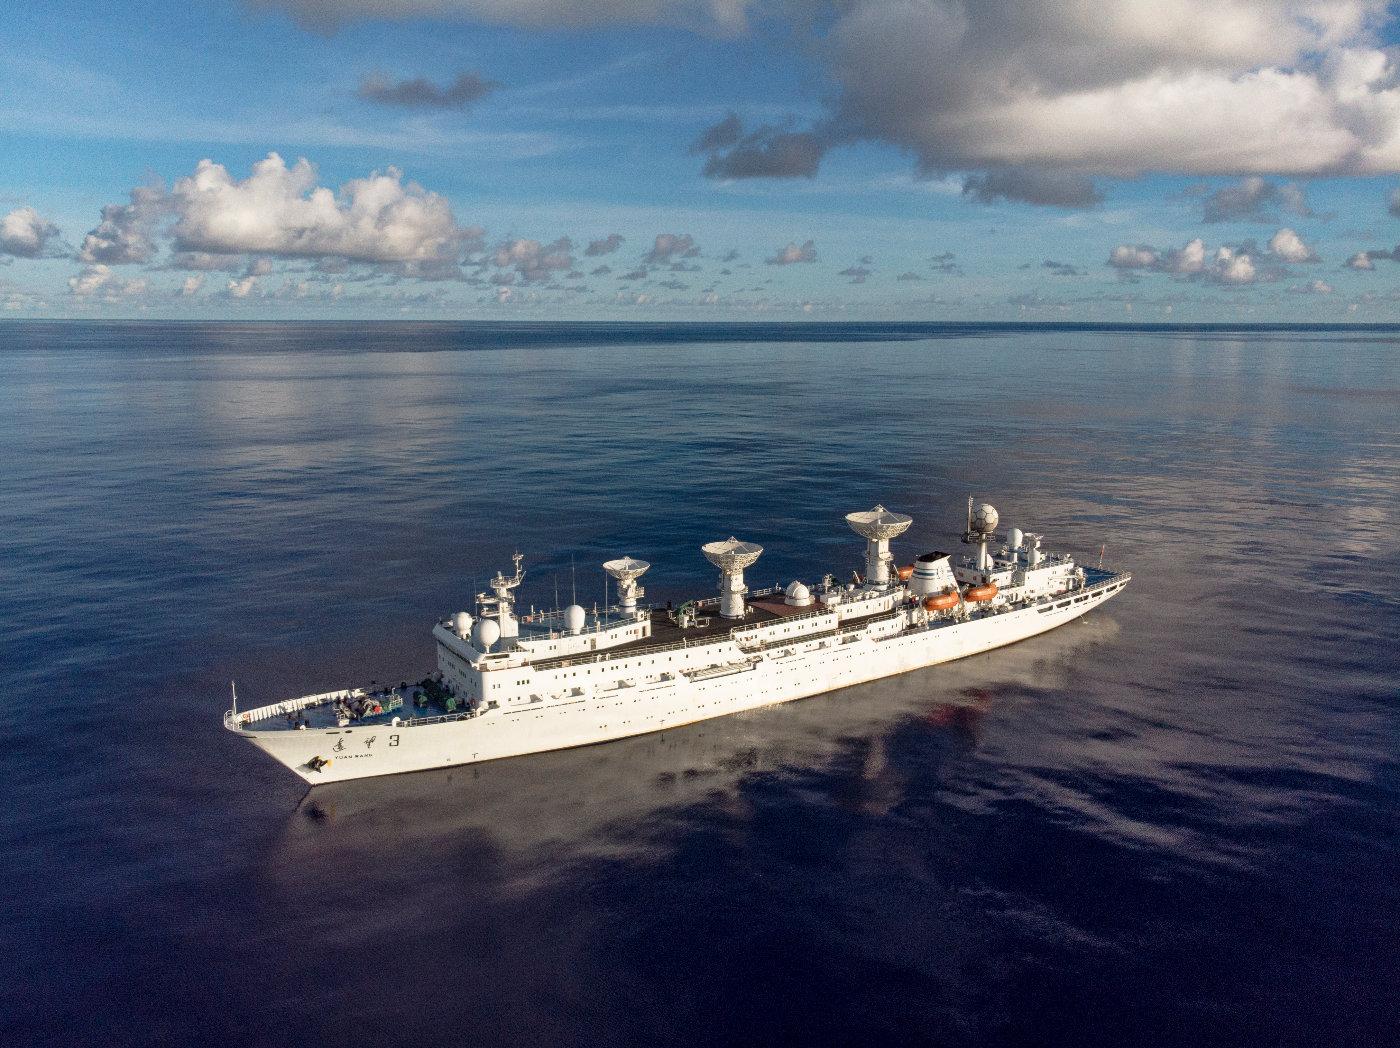 远望3号船垂直起降固定翼飞行器海上首飞试验成功